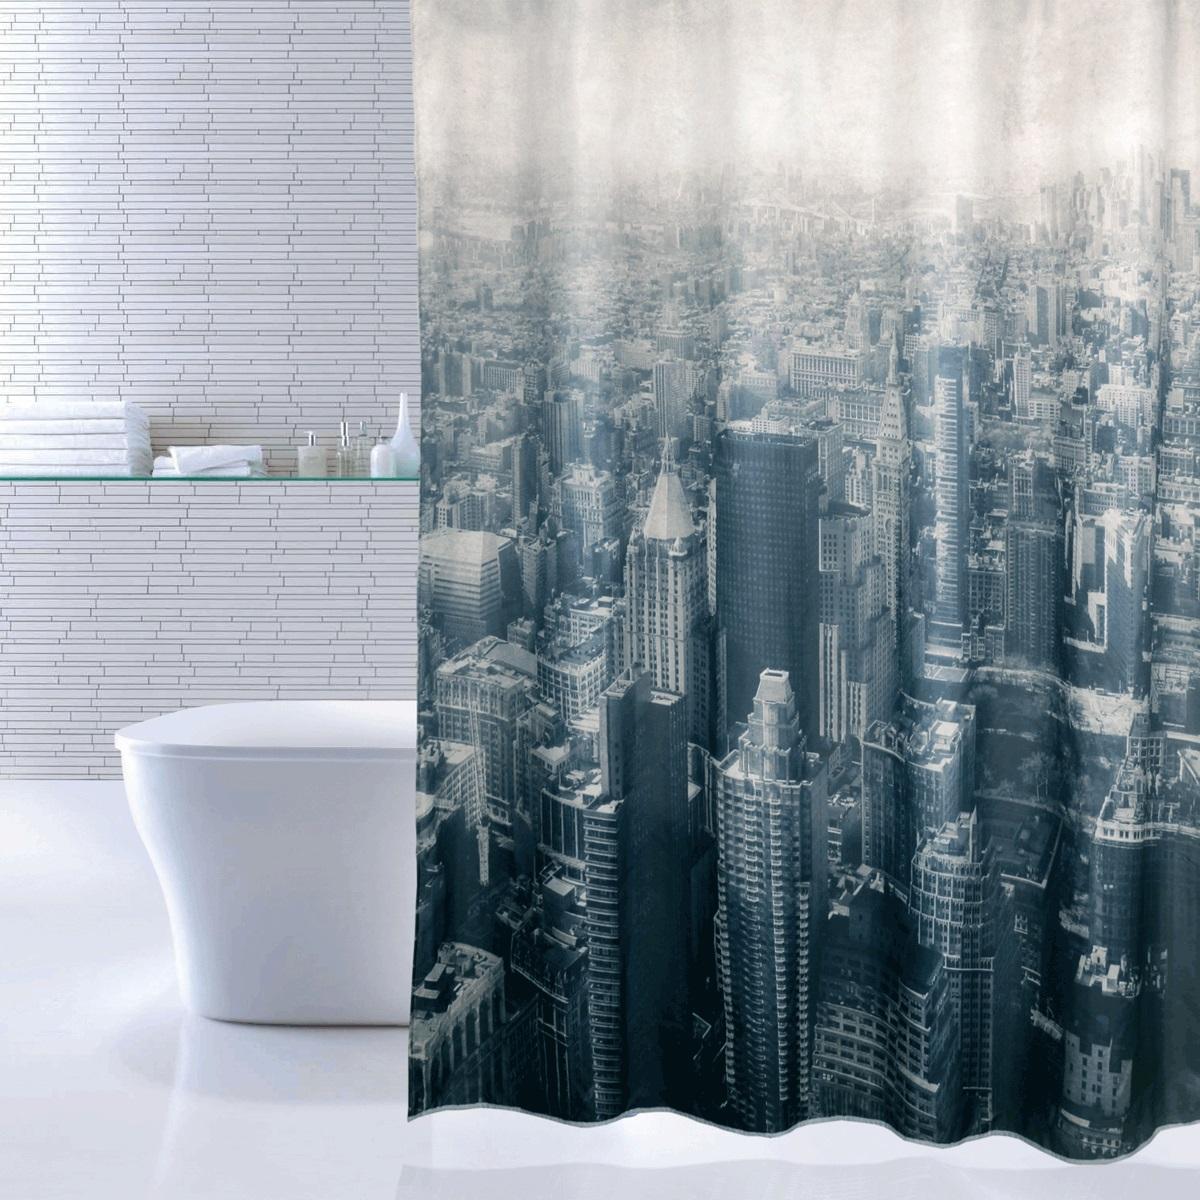 Штора для ванной Iddis Megapolis, цвет: белый, черный, 180 x 200 см610P18Ri11Материал: текстиль, 100% полиэстер, водоотталкивающая пропитка, 12 встроенных колец для крепления к карнизу, плотность 100 г/м, утяжеляющая нить, упаковка ПВХ пакет.